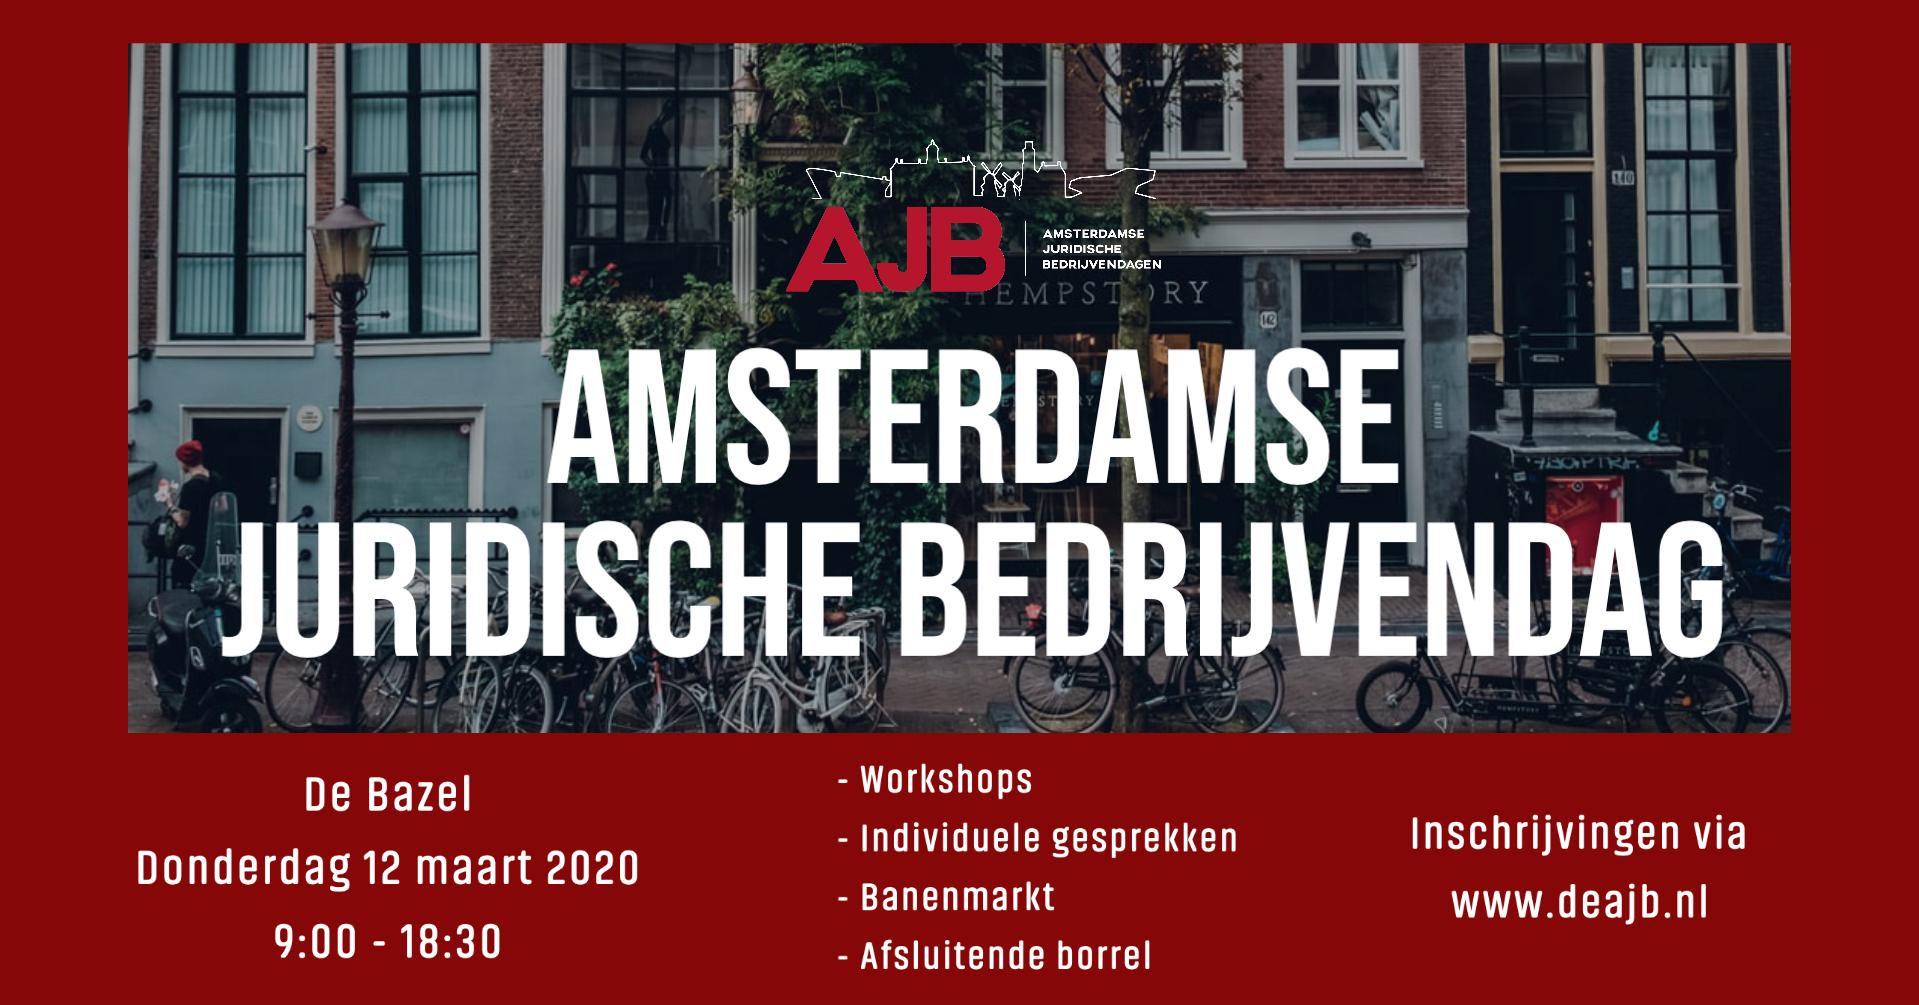 Amsterdamse Juridische Bedrijvendag 2020